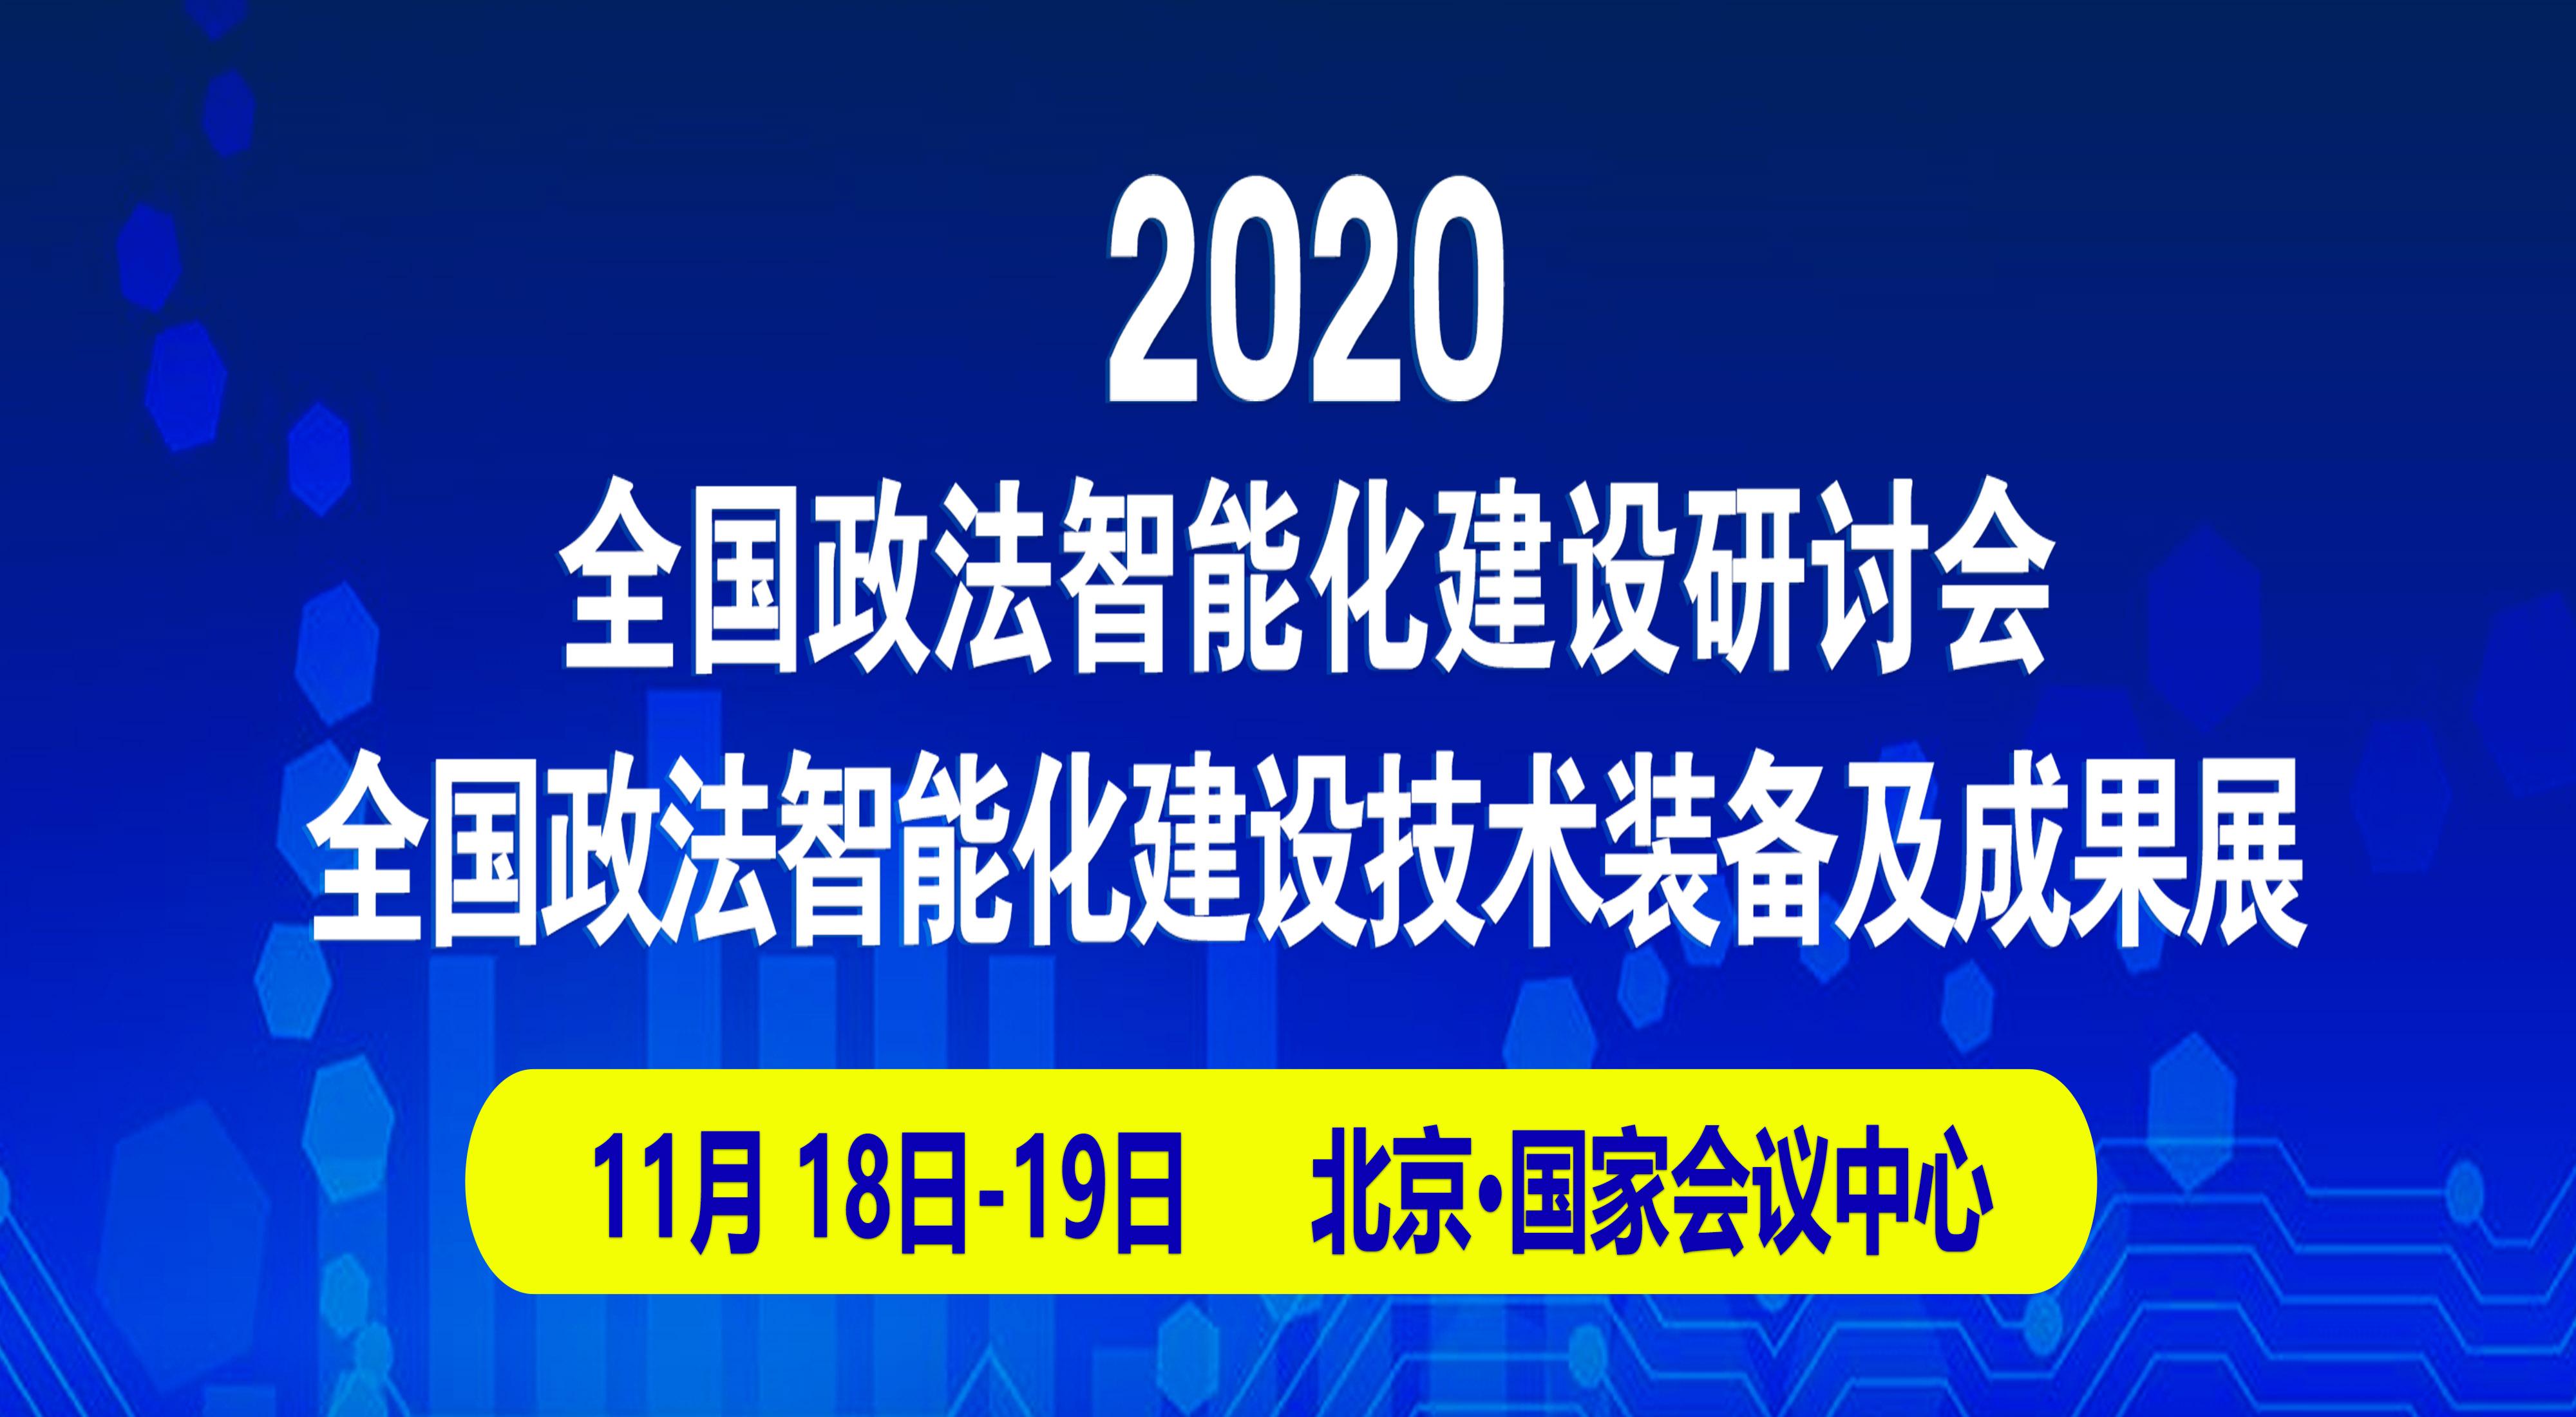 2020全国政法智能化建设技术装备及成果展